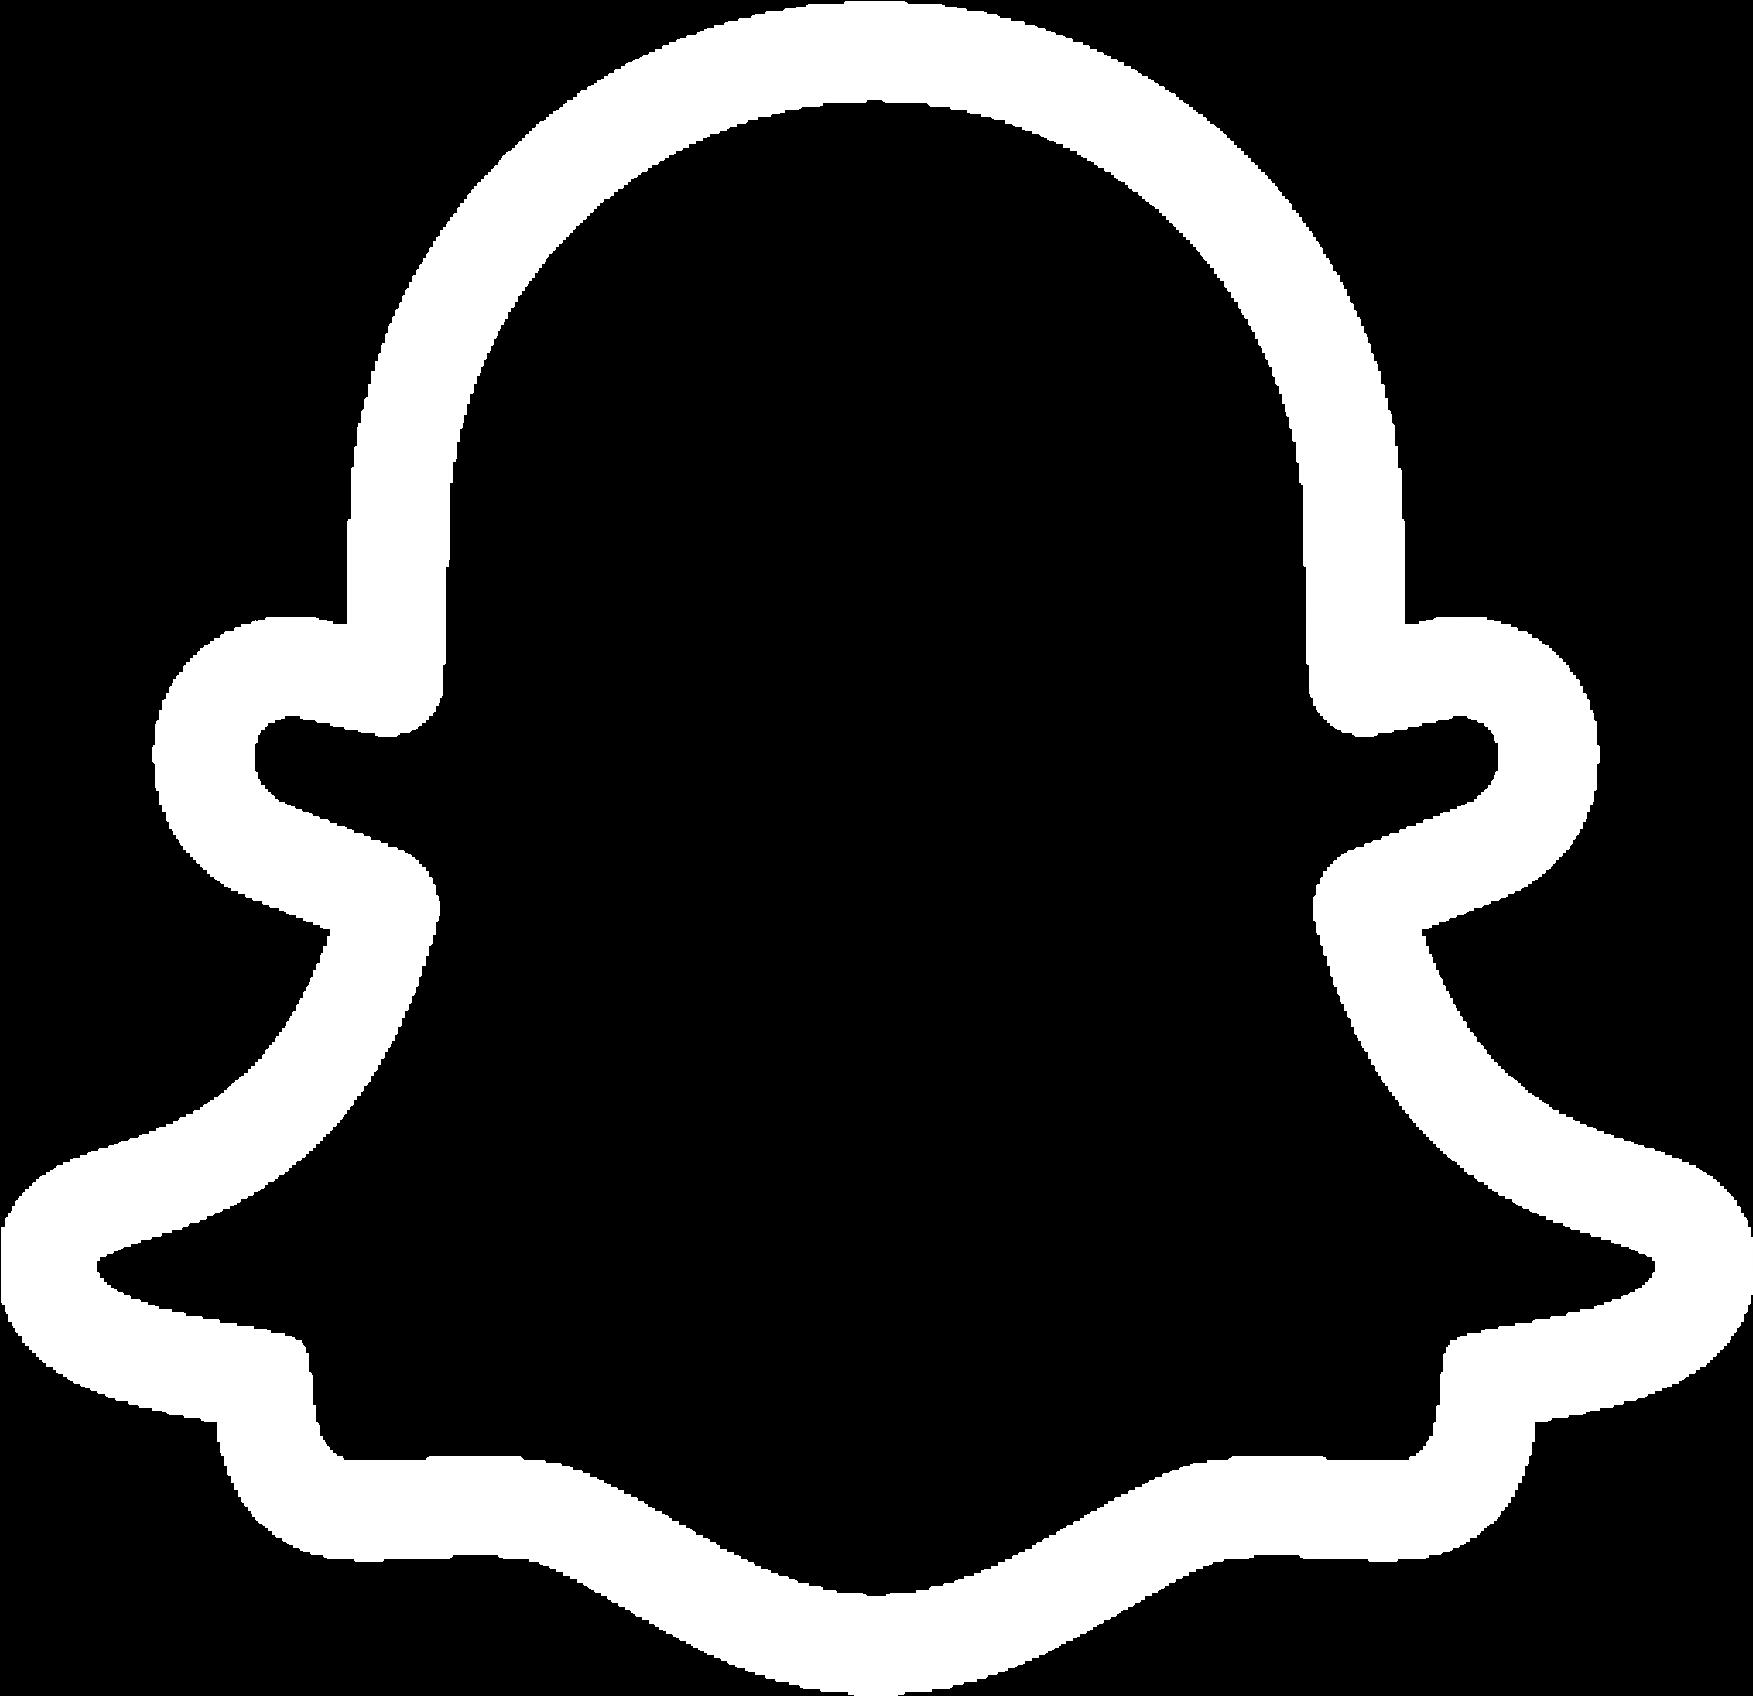 Snapchat Logo Png White.